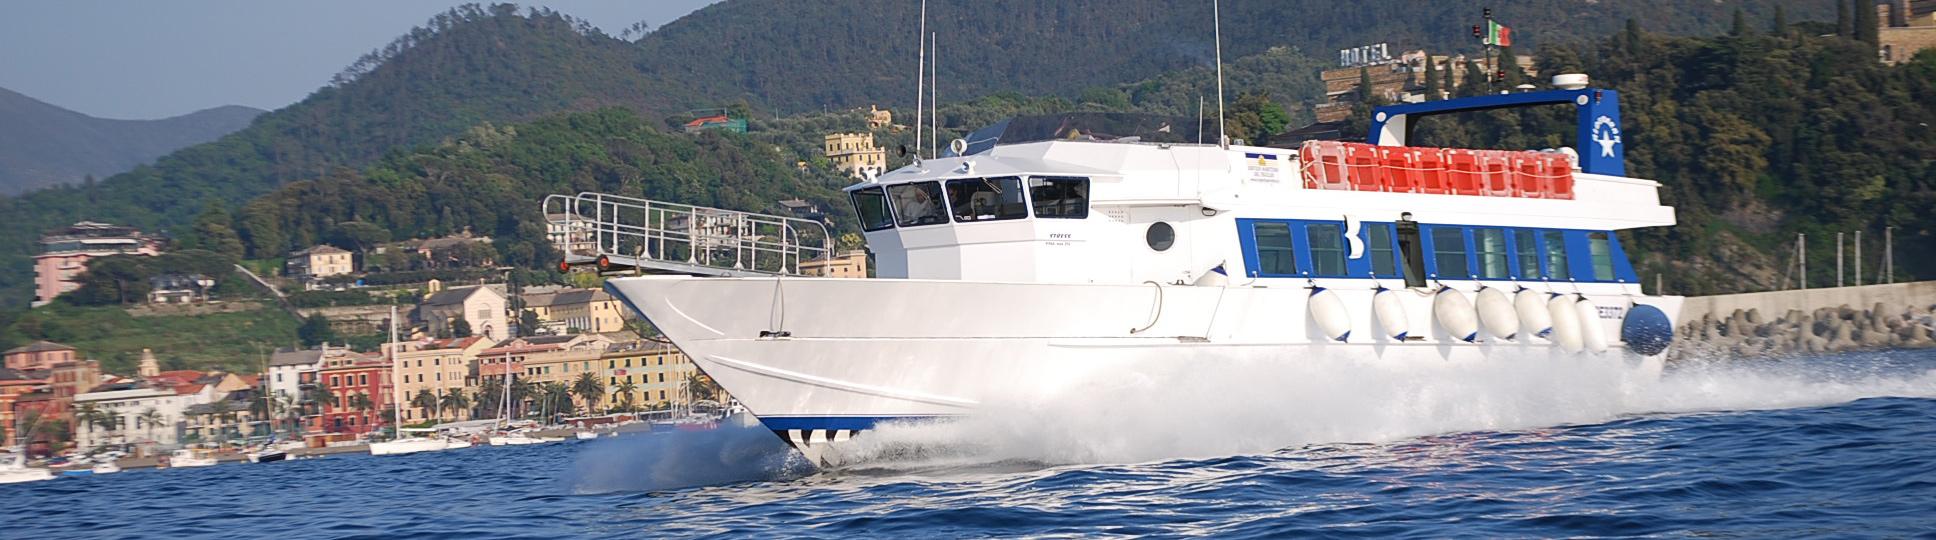 traghetti-portofino-tigullio-1